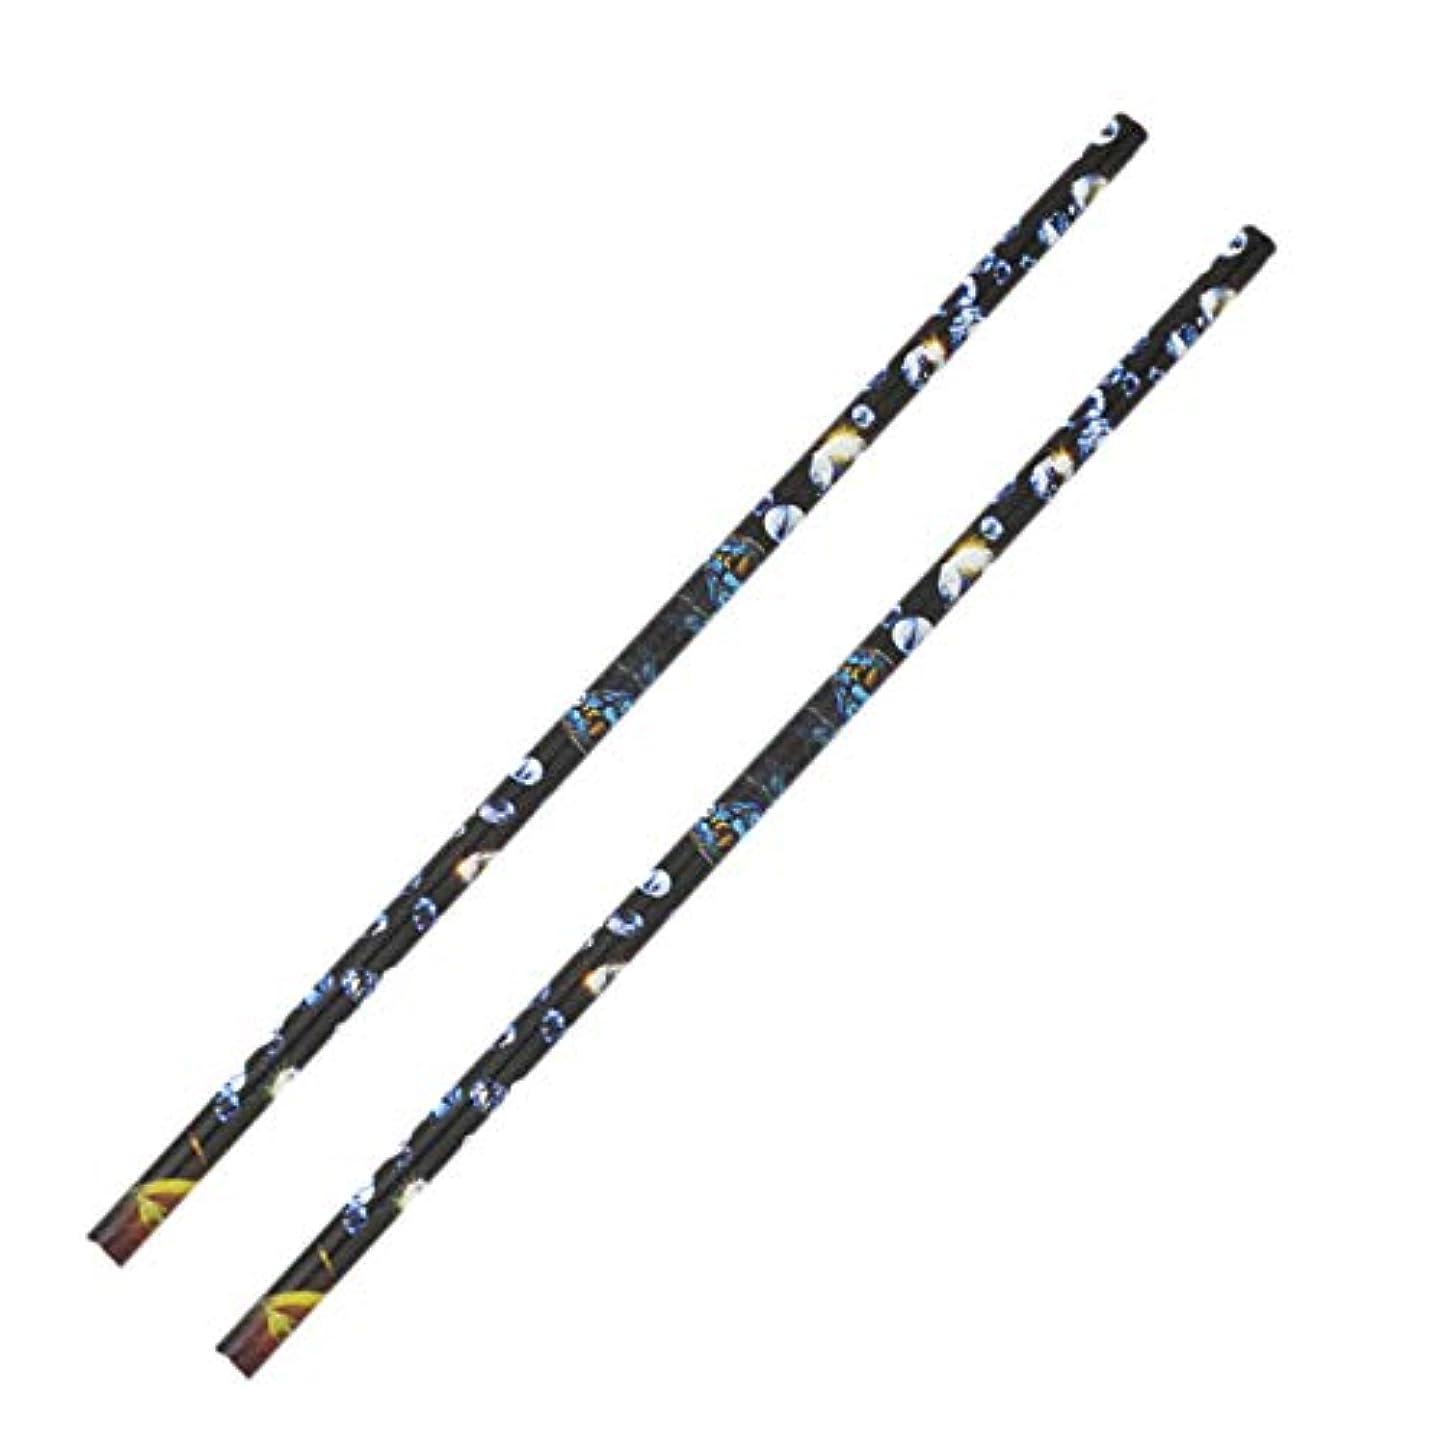 ミュウミュウ未使用保険SODIAL 2個 クリスタル ラインストーン ピッカー鉛筆ネイルアートクラフト装飾ツール ワックスペンDIYスティッキードリルクレヨンラインストーンスティックドリルペン マニキュアツール